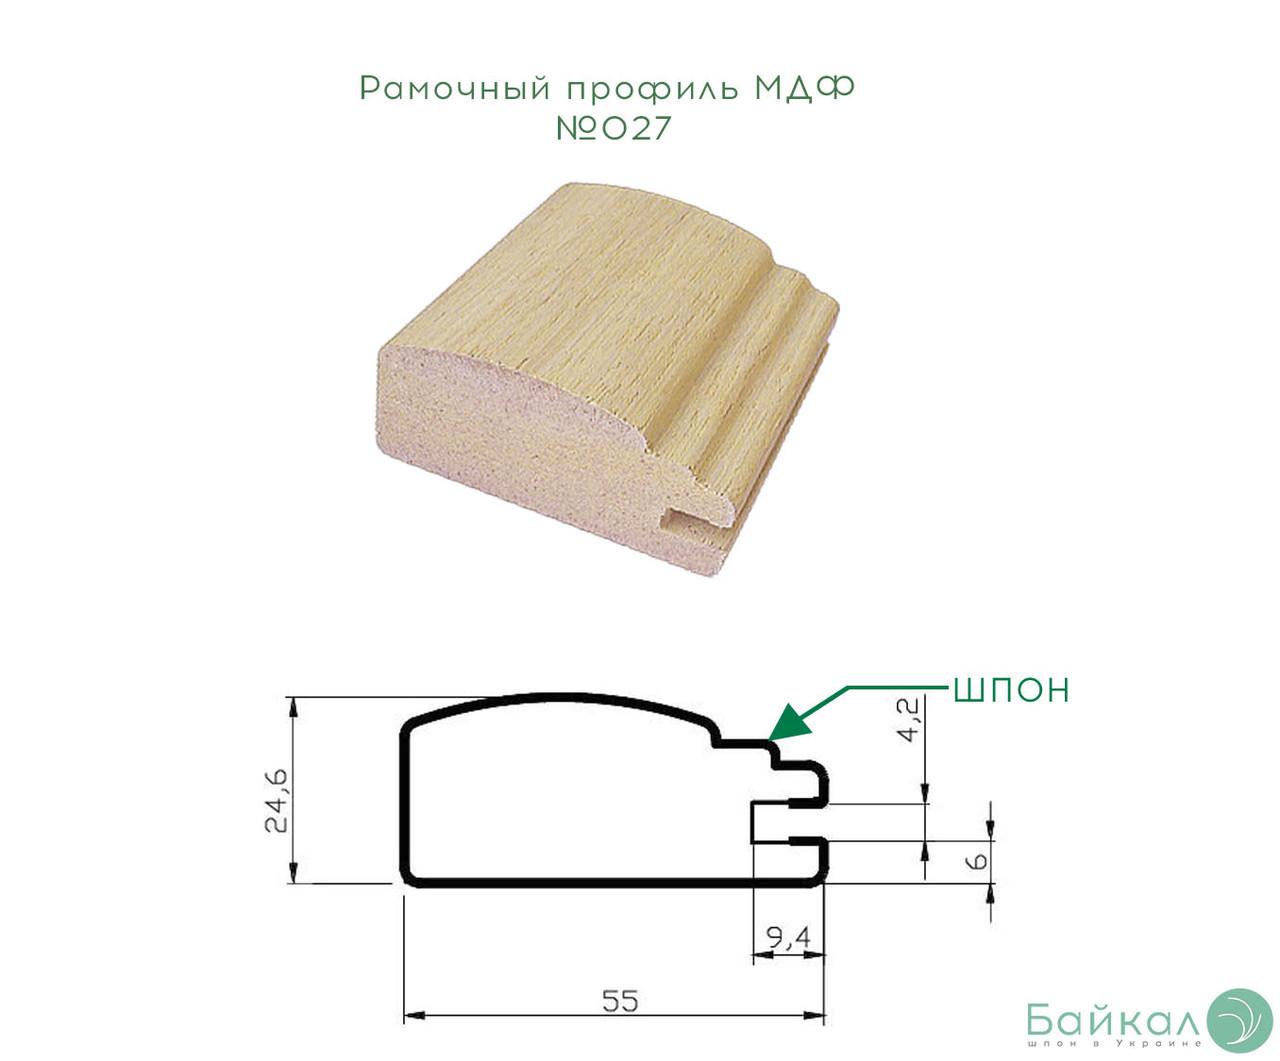 Рамковий профіль МДФ №027 шпонований 25 мм 2,8мх55 мм